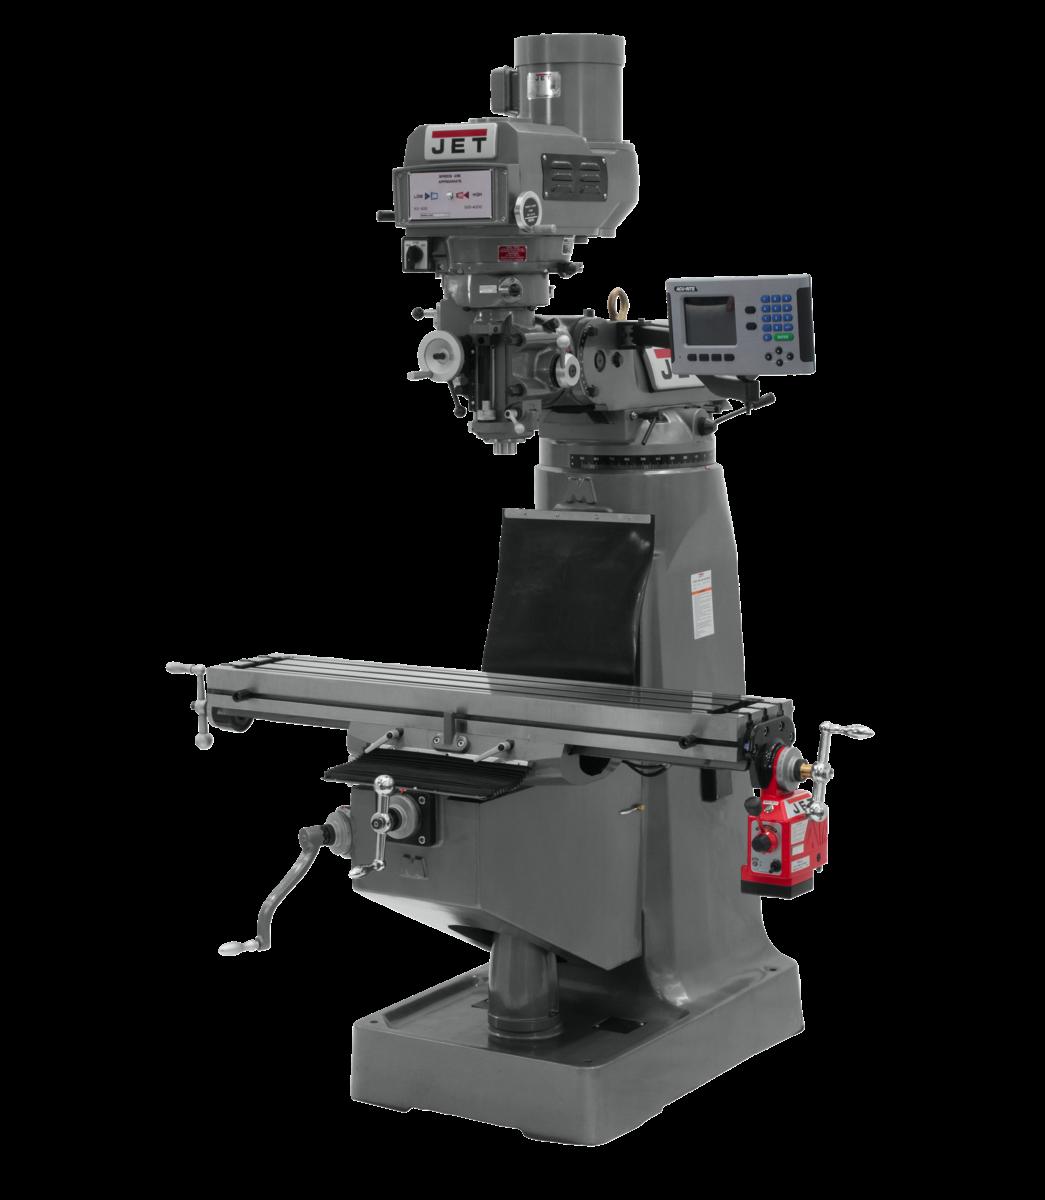 Fresadora JTM-4VS con visualizador de posición digital 300S y TPFA eje X